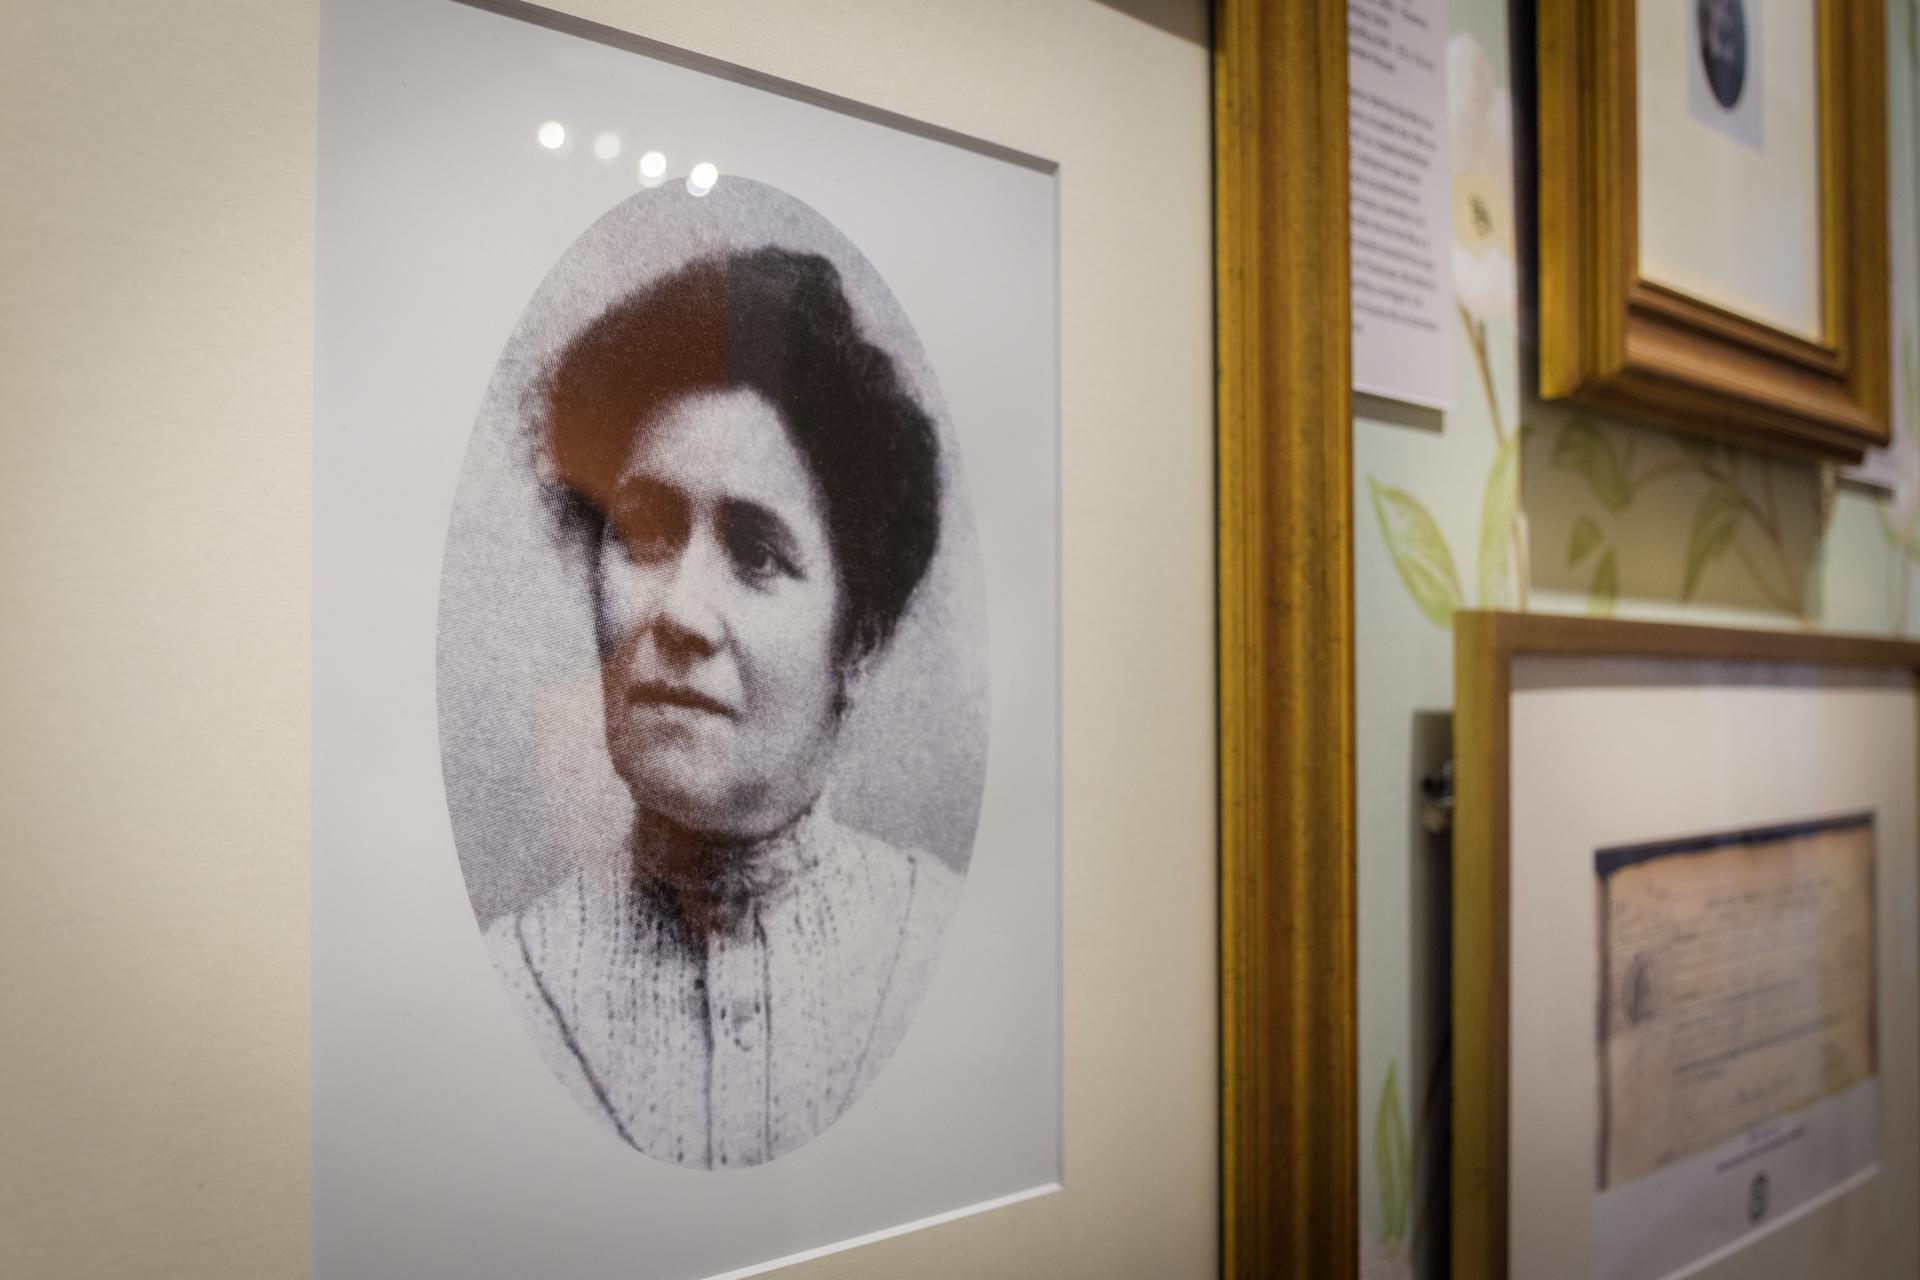 Madre. Berthè Gardes lo crió sola ante la indiferencia de su familia. (Martín Rosenzveig)